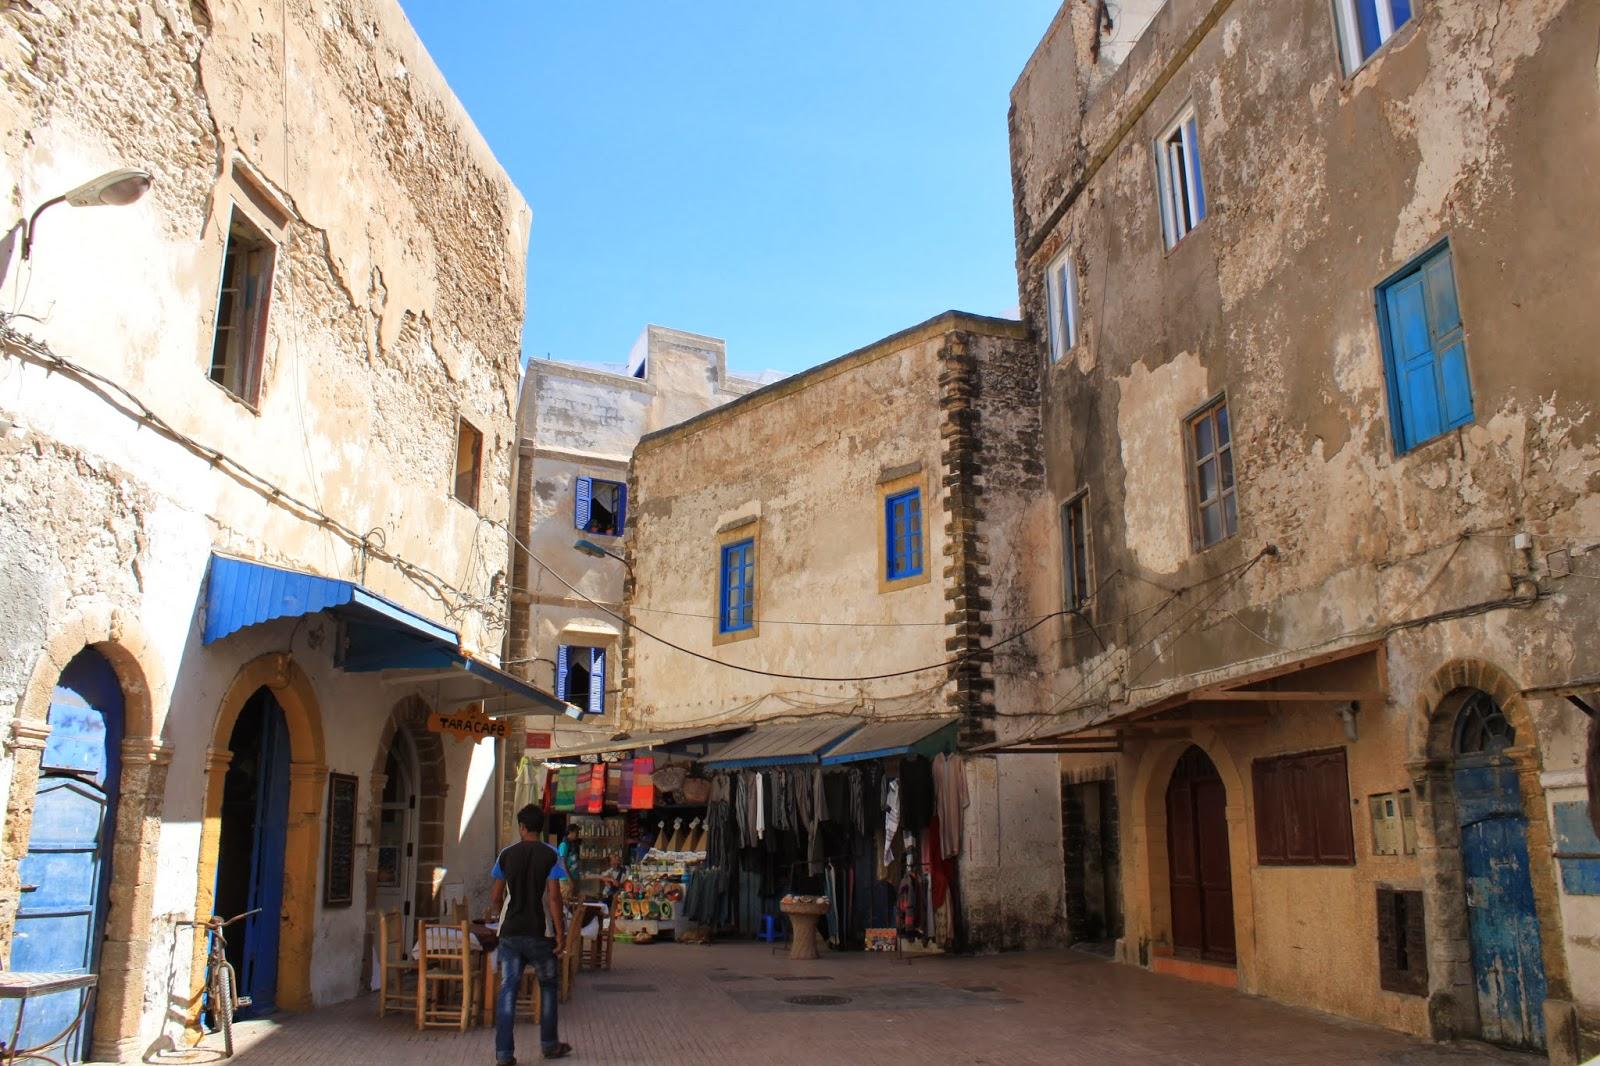 wat verdient iemand in marokko